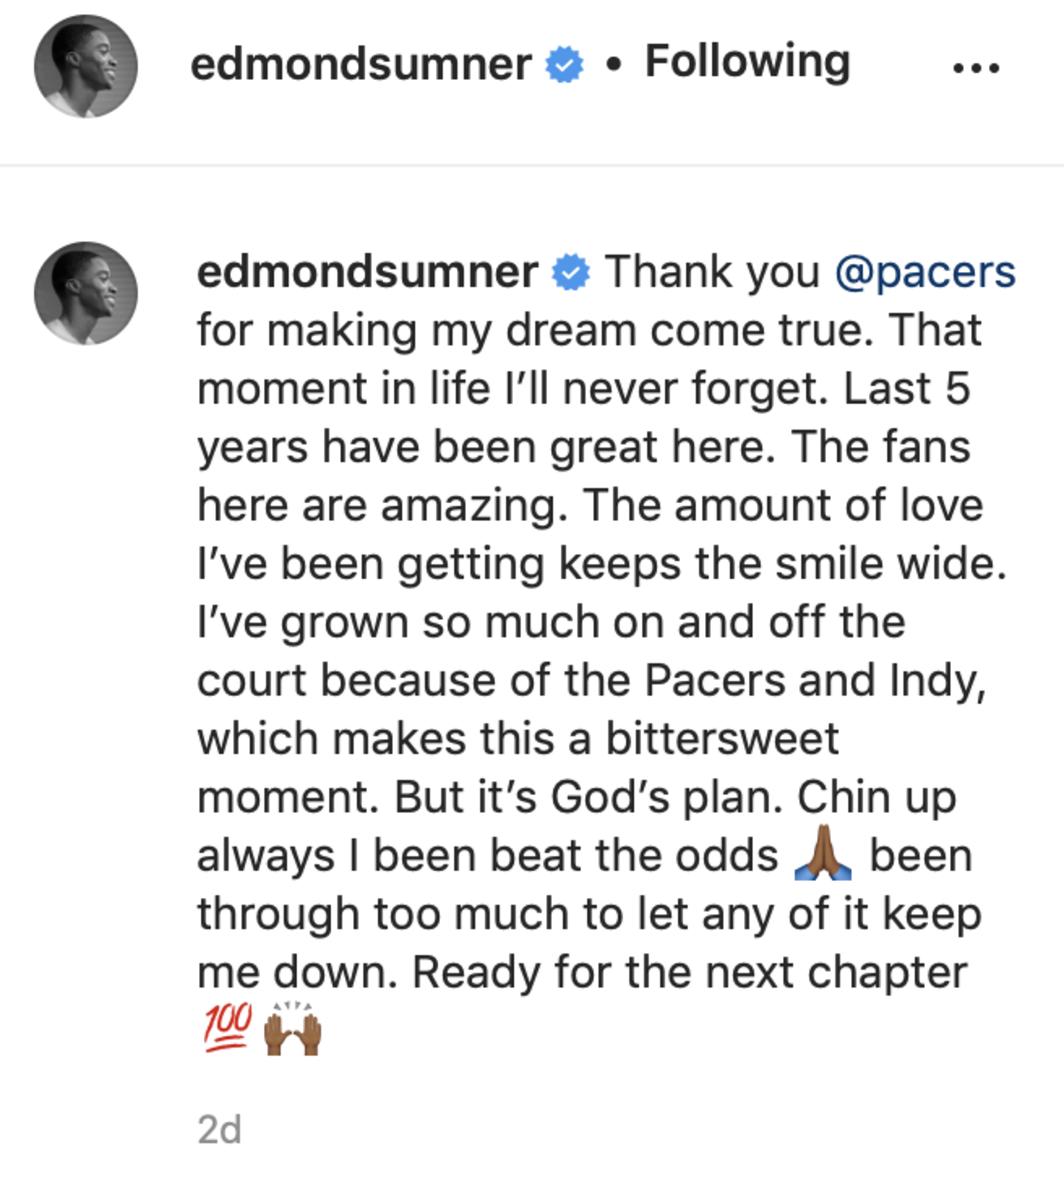 Screenshot captured from Edmond Sumner's Instagram post.